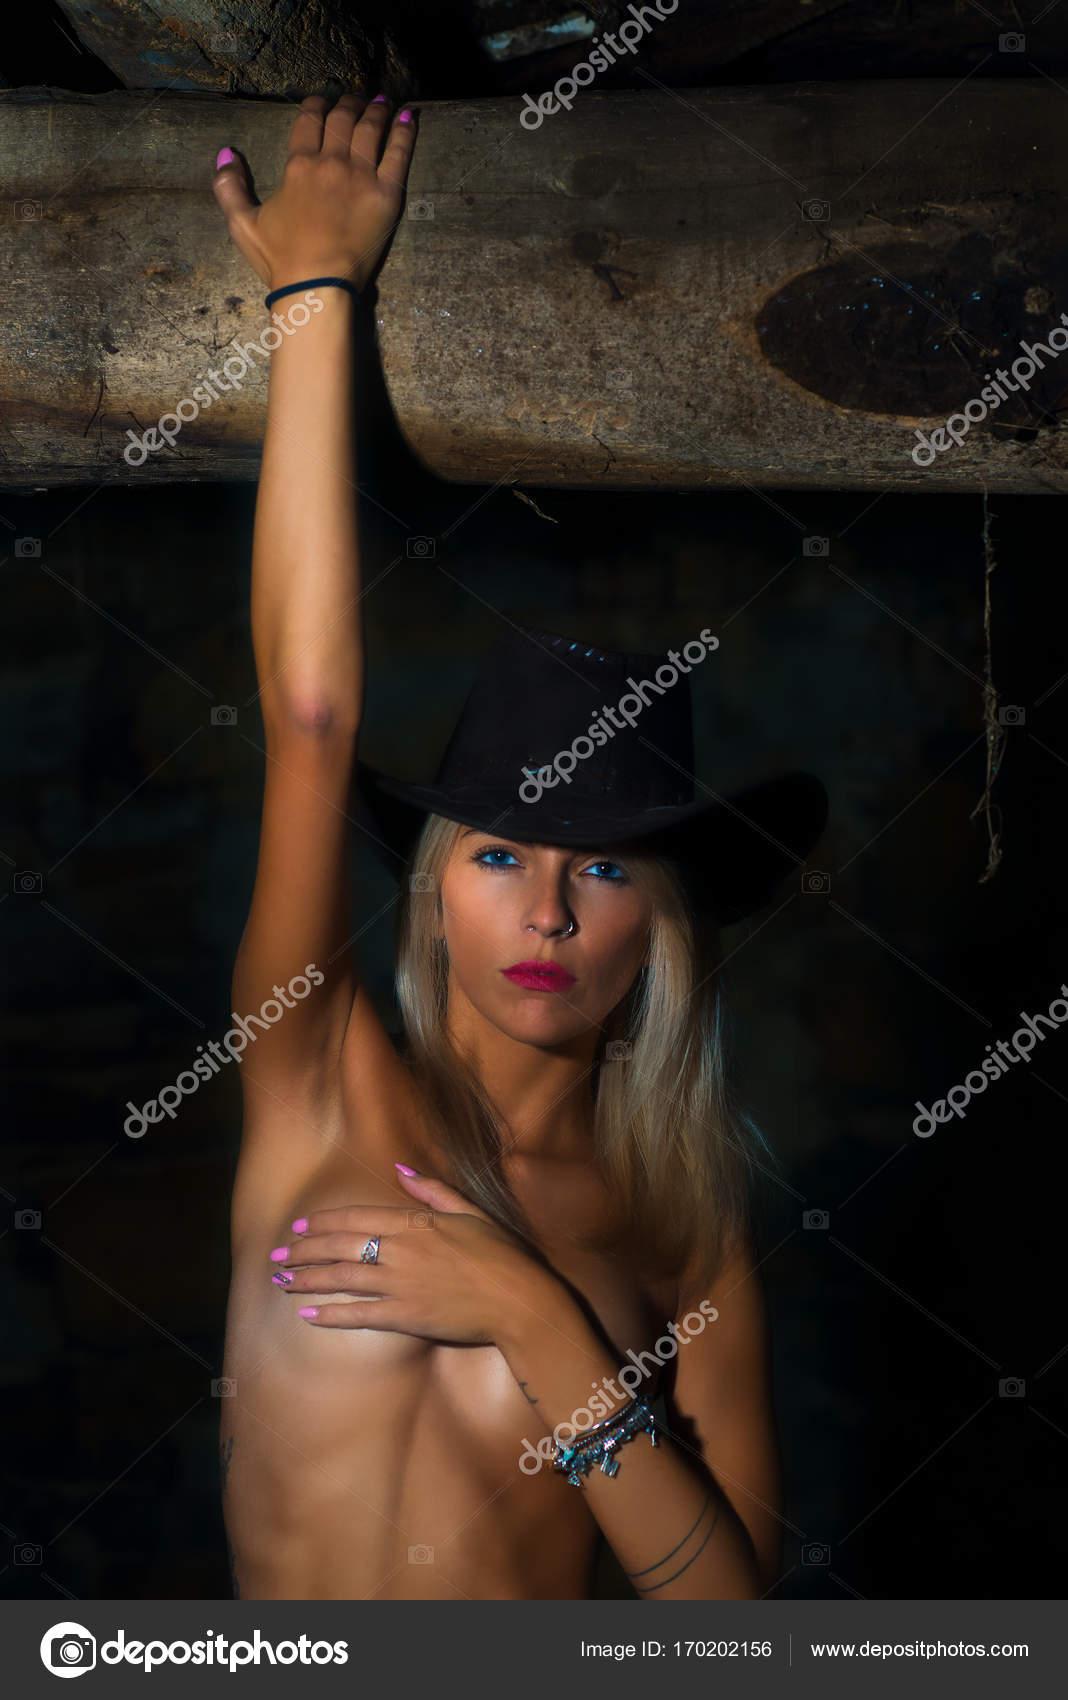 Γυμνή εικόνα του σέξι κορίτσια